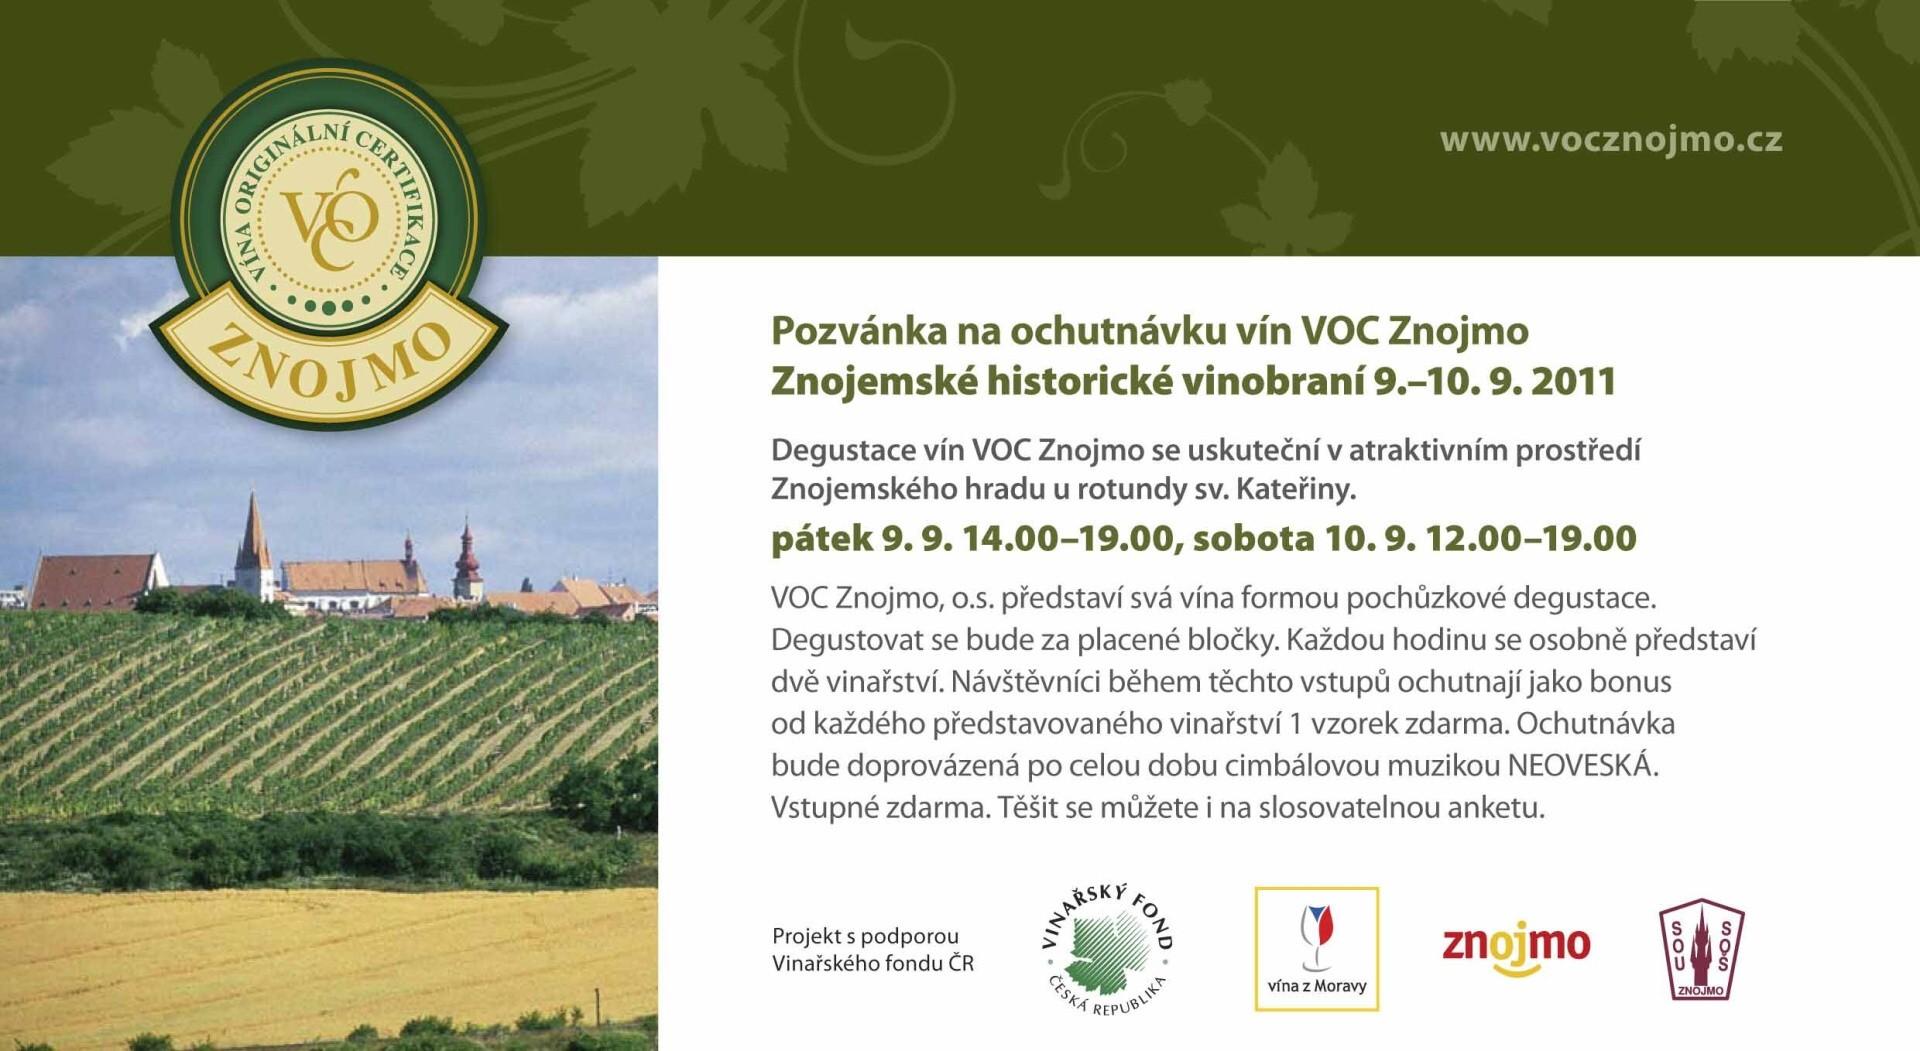 Pozvánka na ochutnávku vín VOC Znojmo, Znojemské historické vinobraní 9.–10. 9. 2011